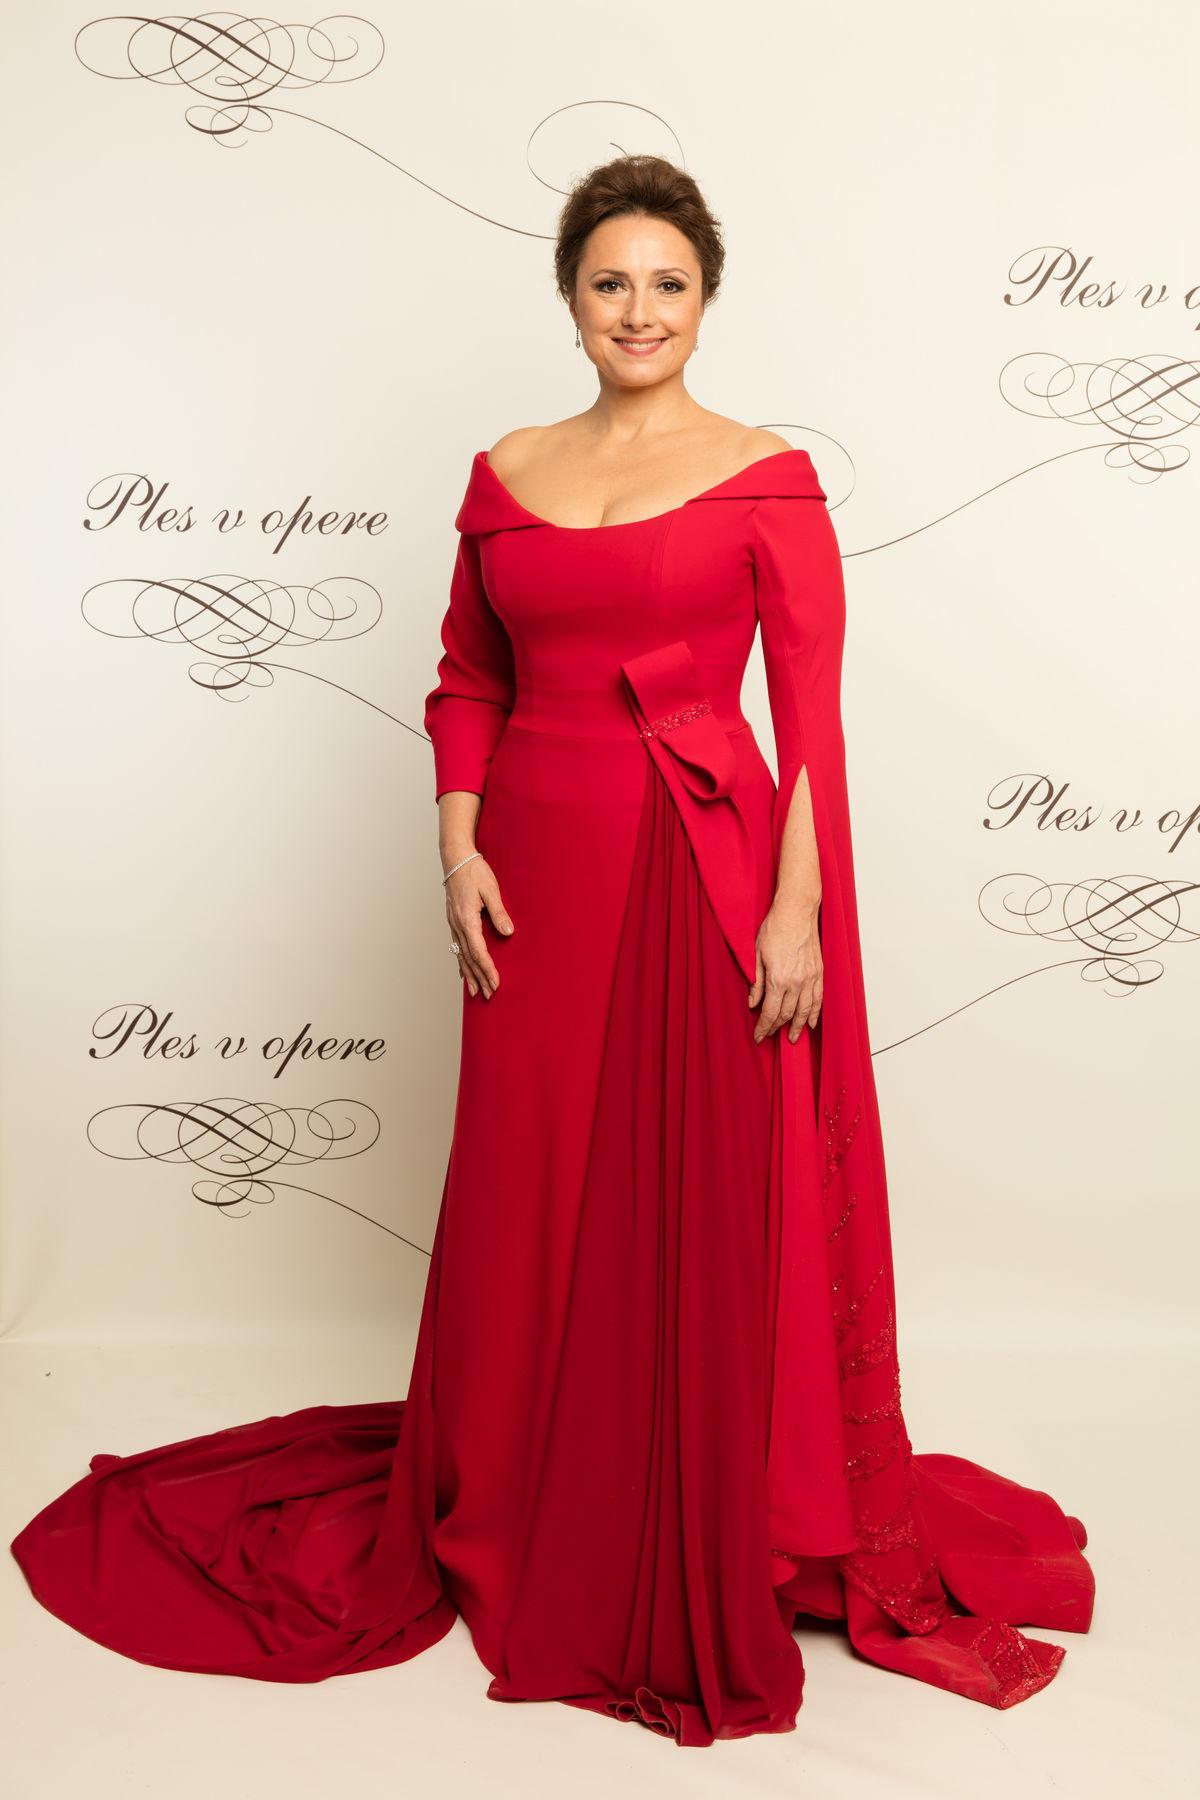 Moderátorka 17. Plesu v opere - herečka Zuzana Mauréry v šatách od Jany Kuzmovej.